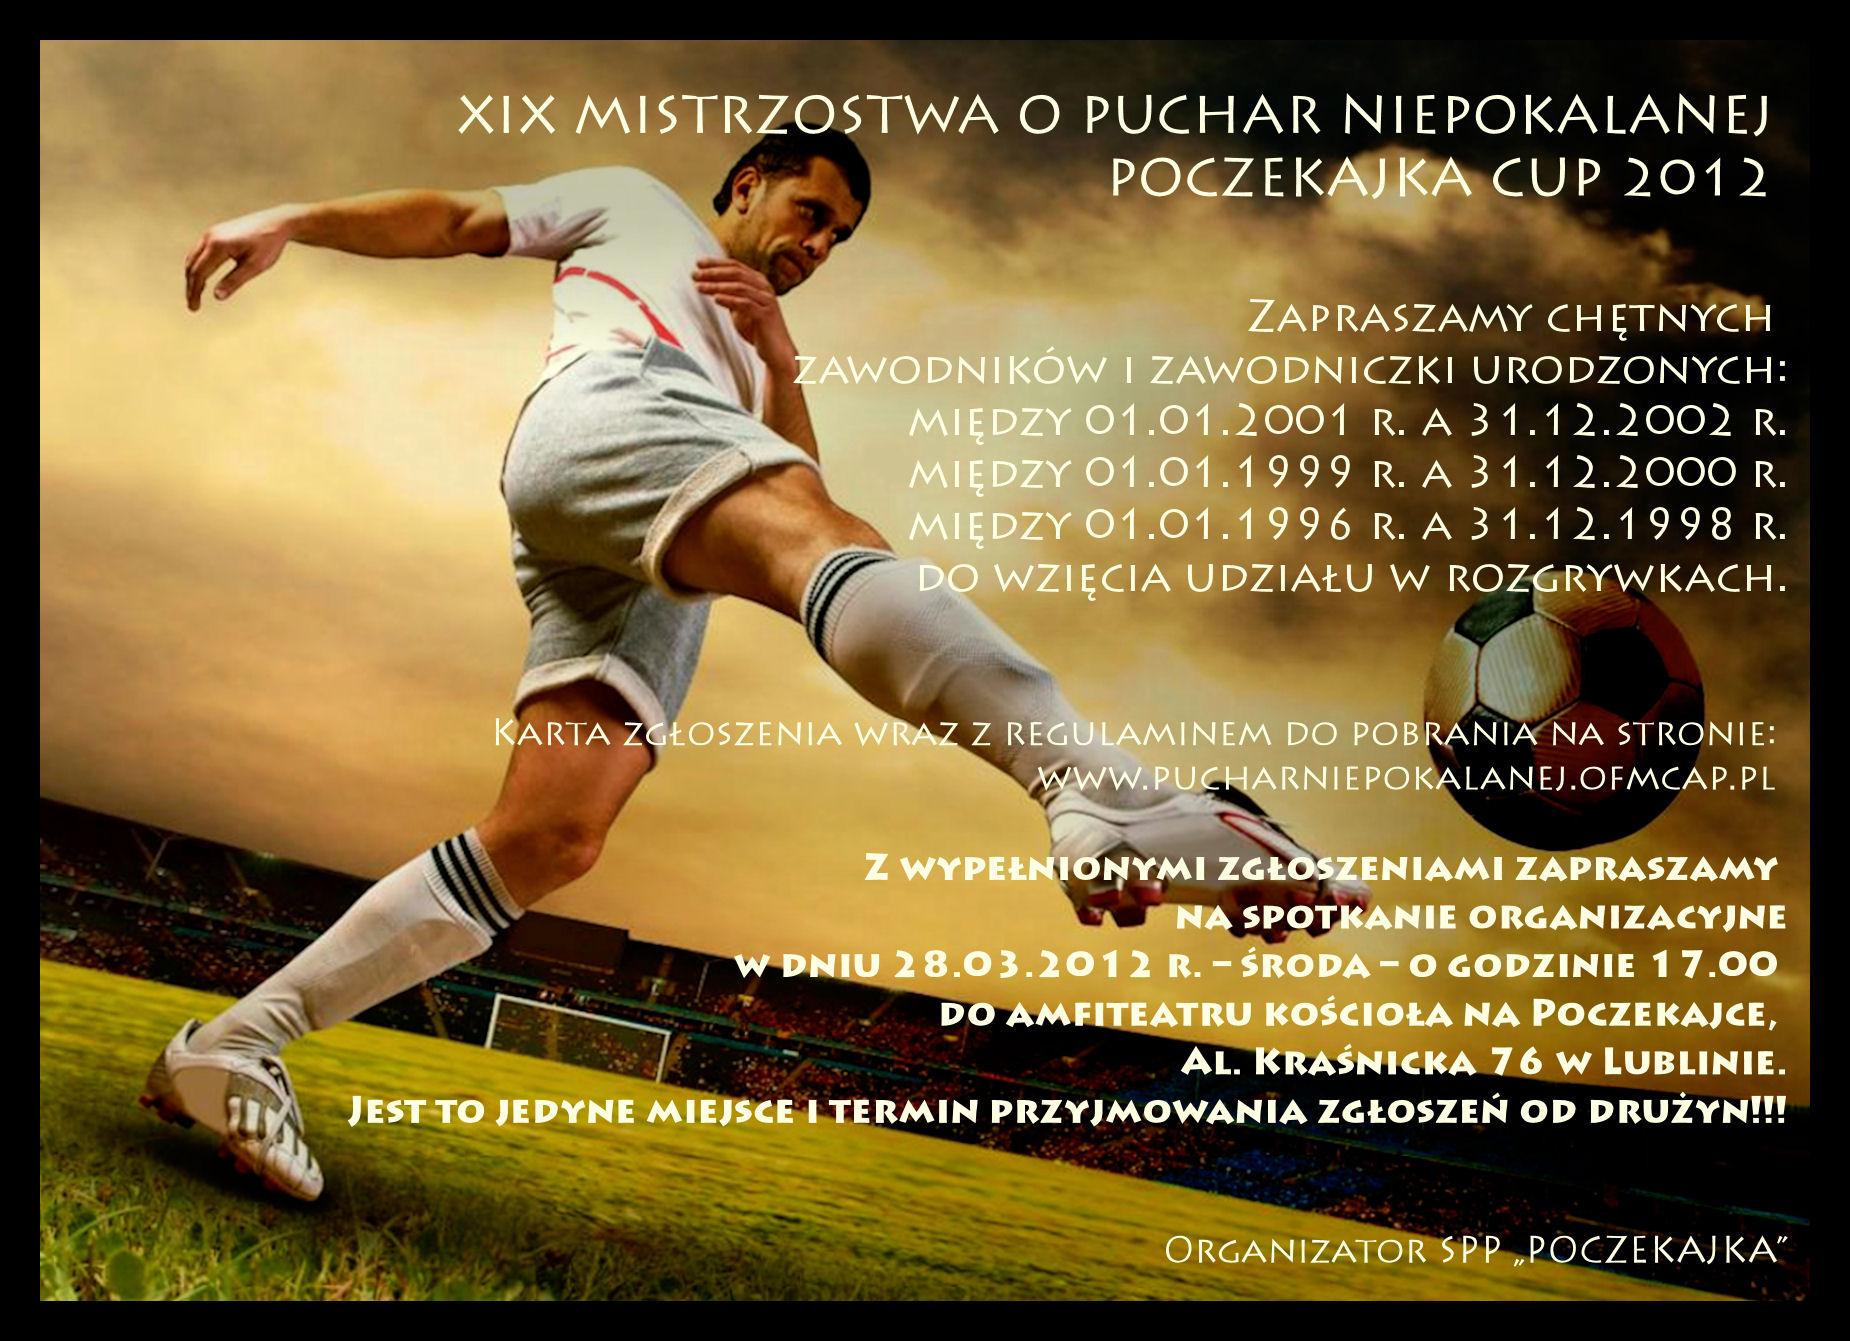 Puchar Niepokalanej POCZEKAJKA CUP 2012.